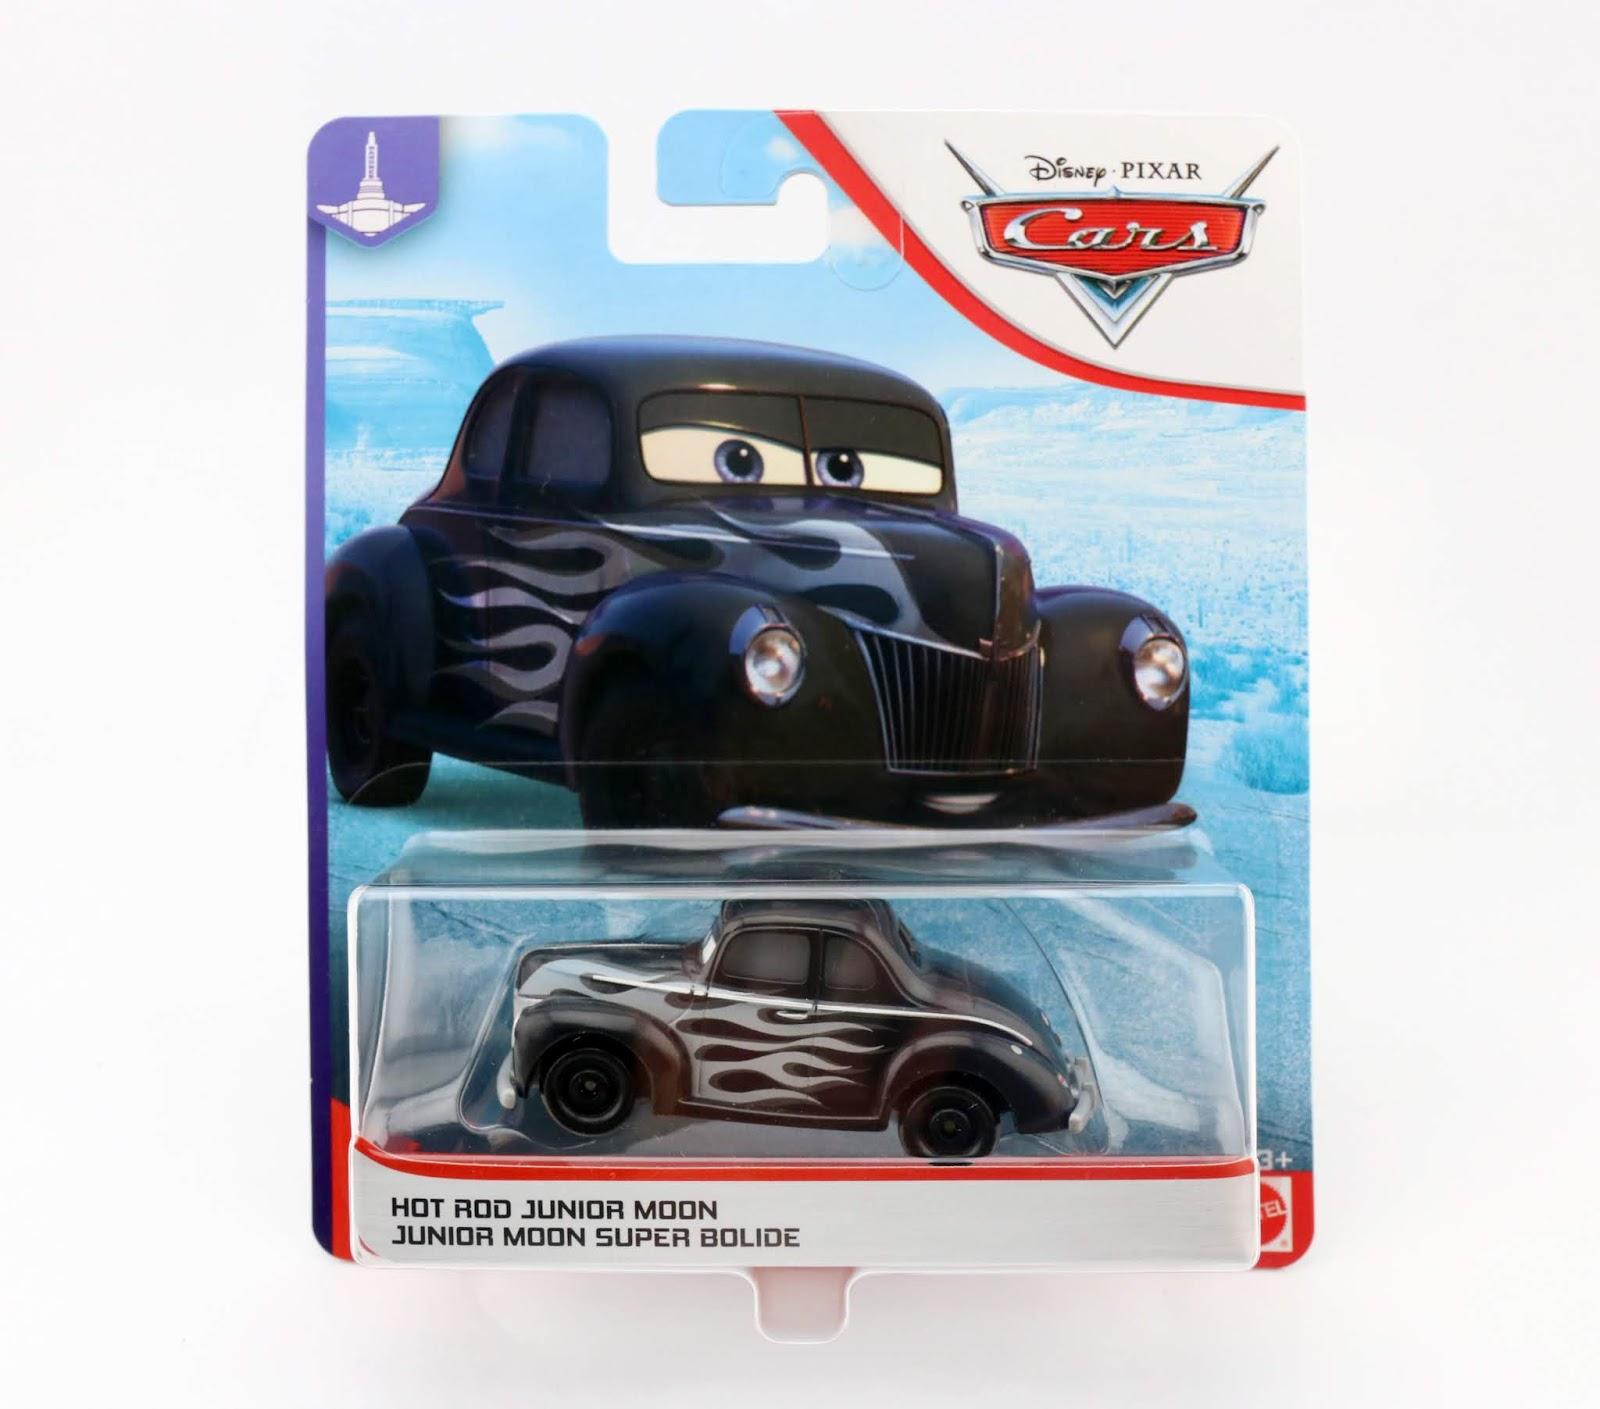 Dan The Pixar Fan Cars 3 Hot Rod Junior Moon